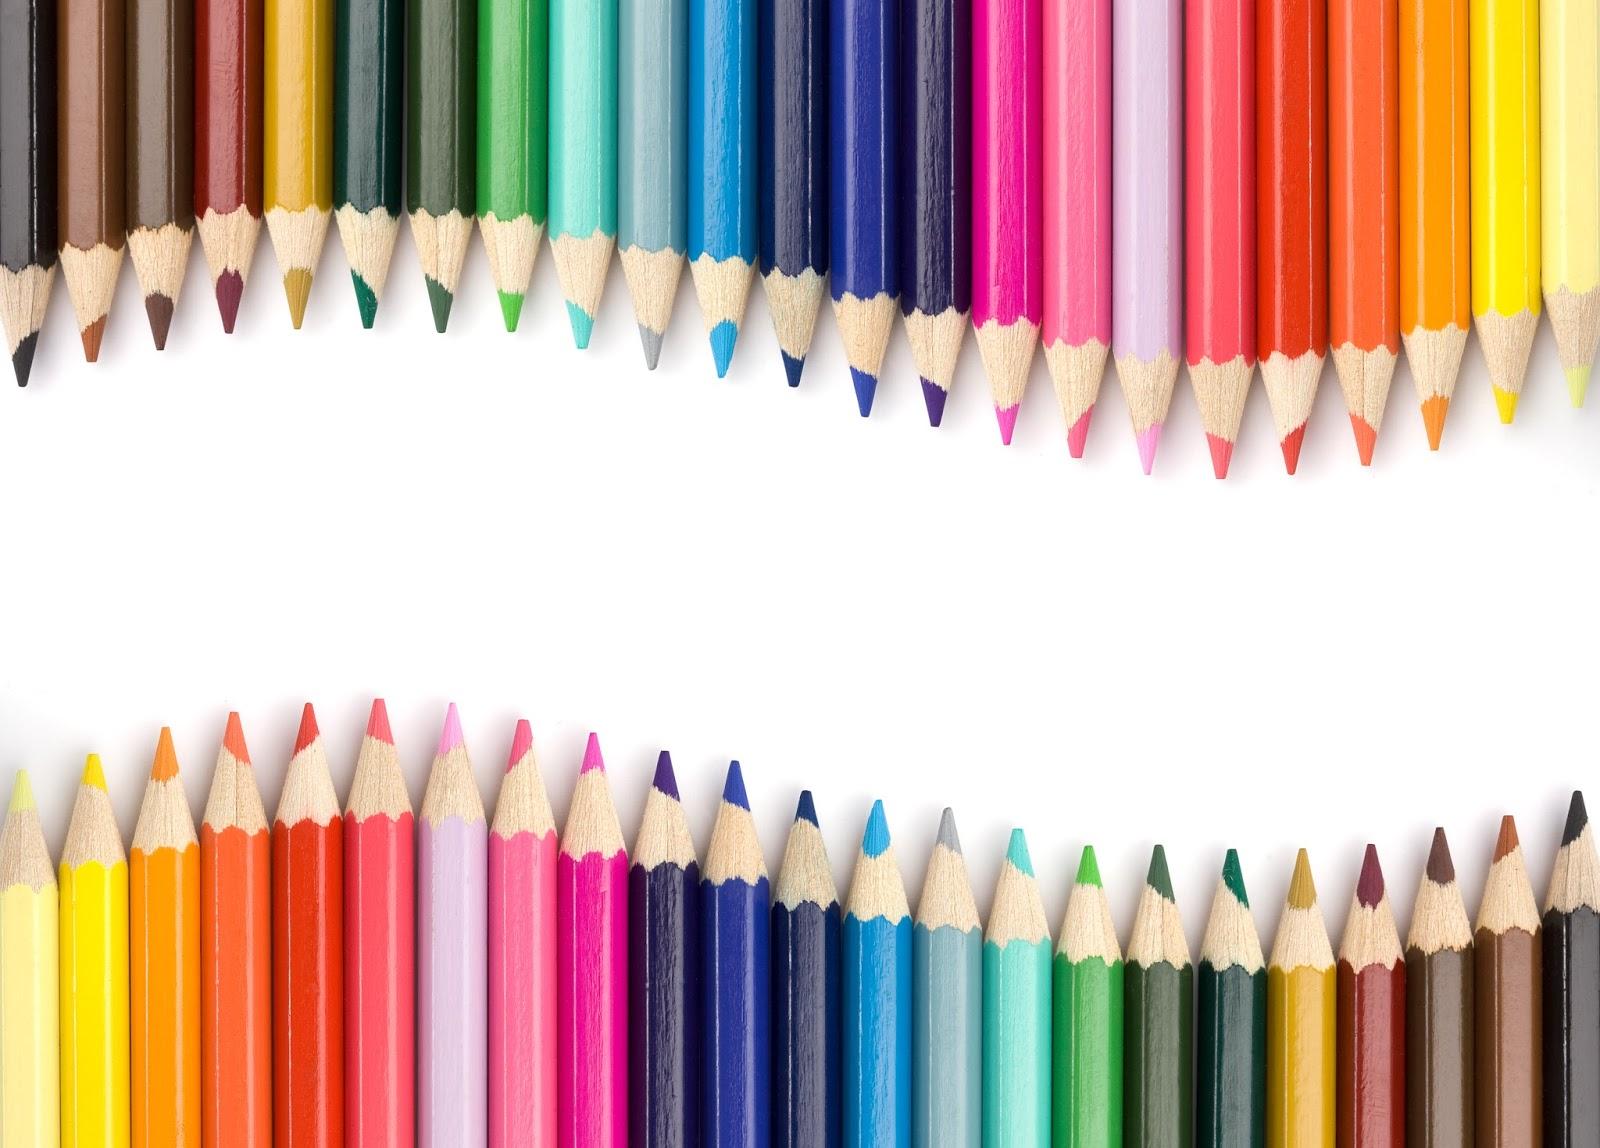 Tô màu cho cuộc sống bằng tình yêu và hy vọng